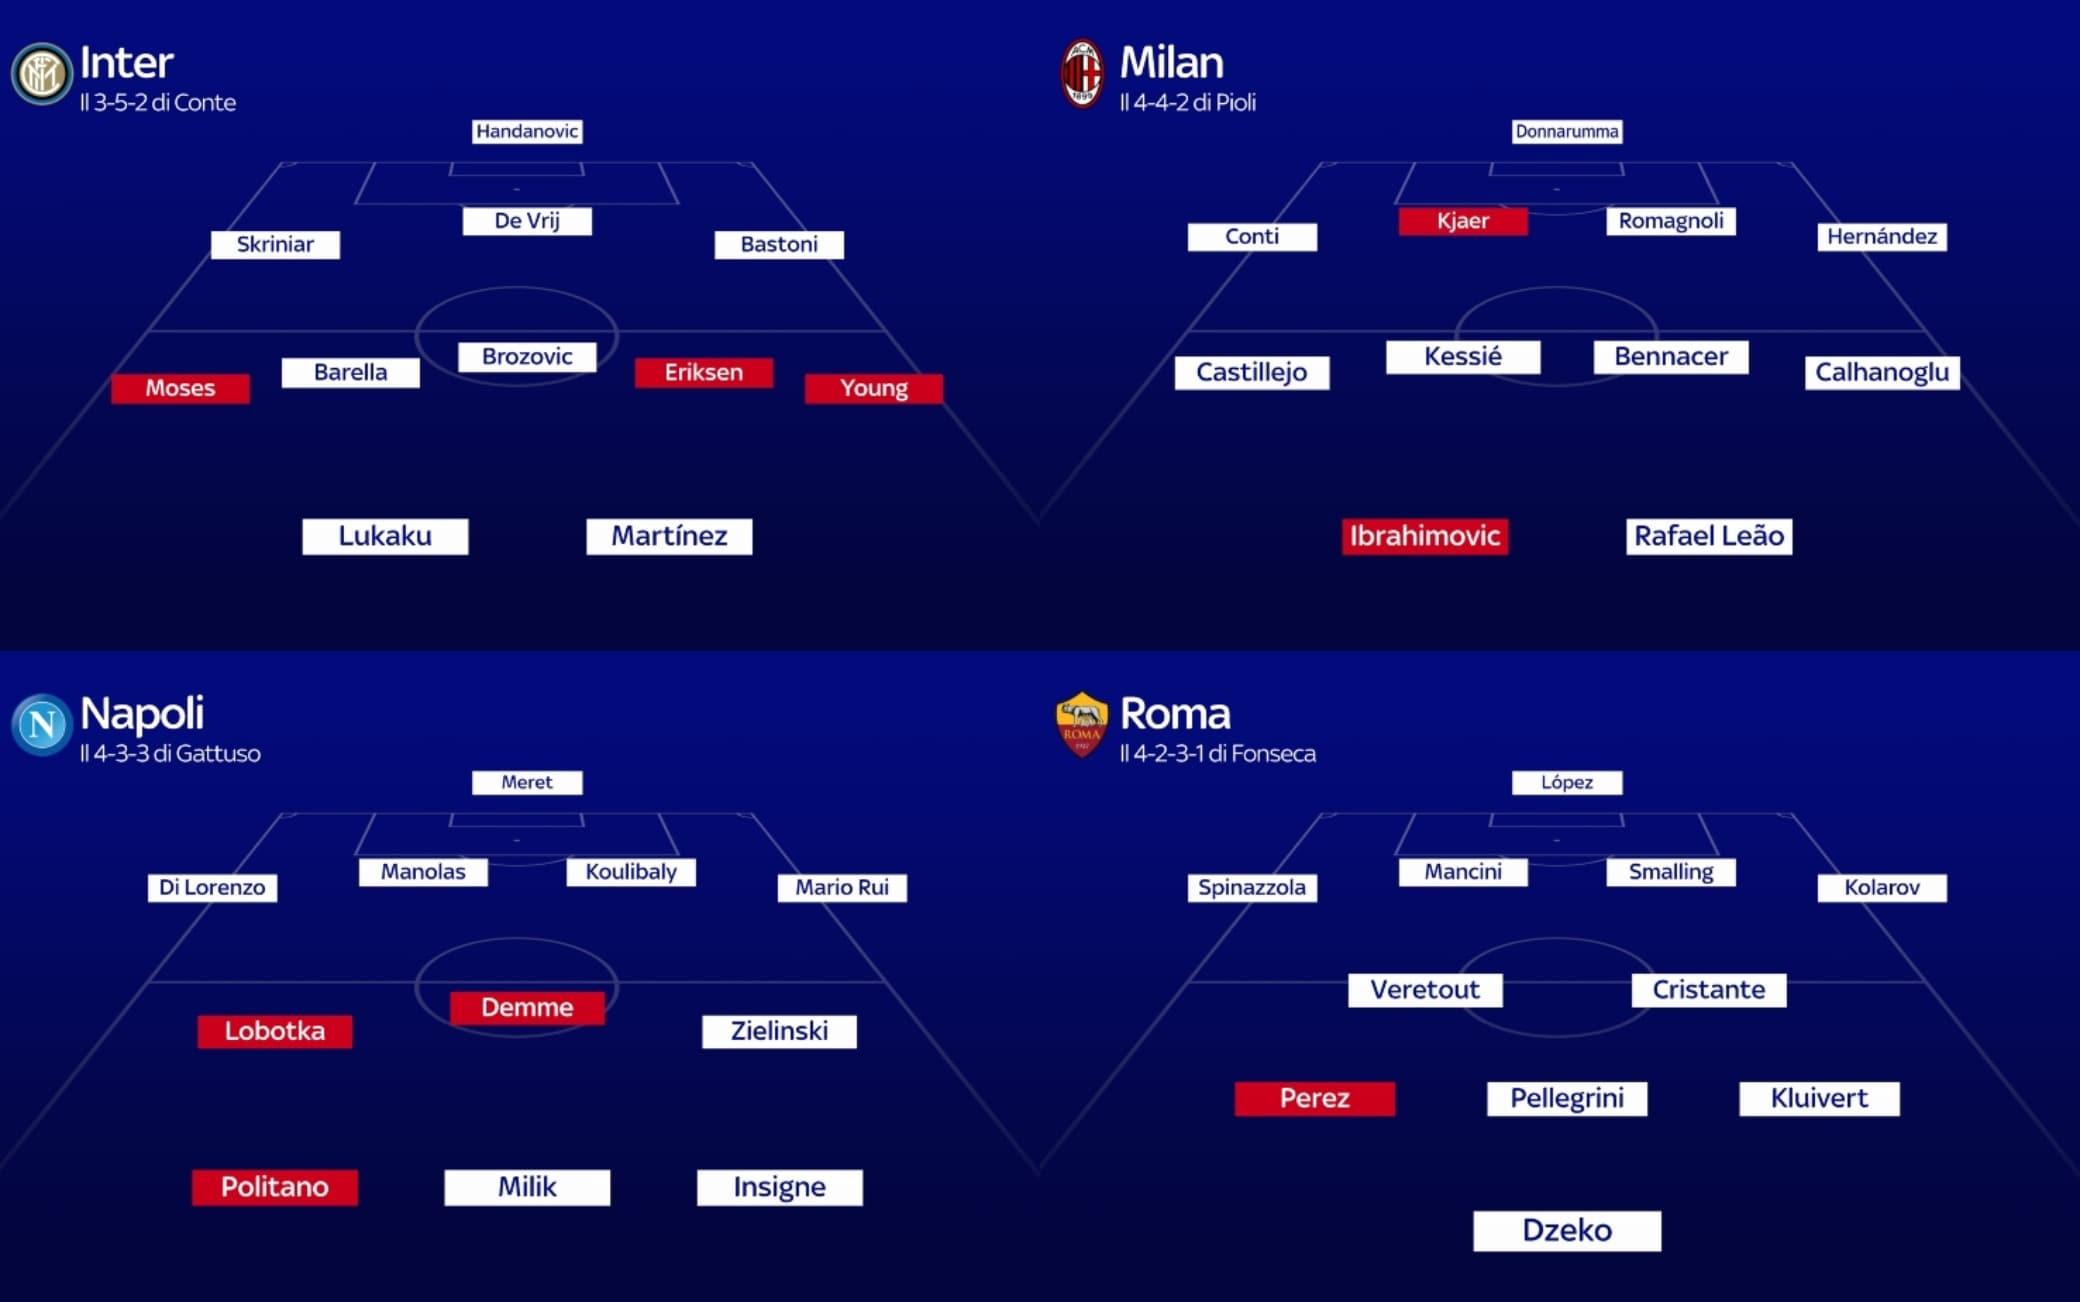 Probabili Formazioni Serie A Come Cambiano Le Squadre A Fine Calciomercato Sky Sport